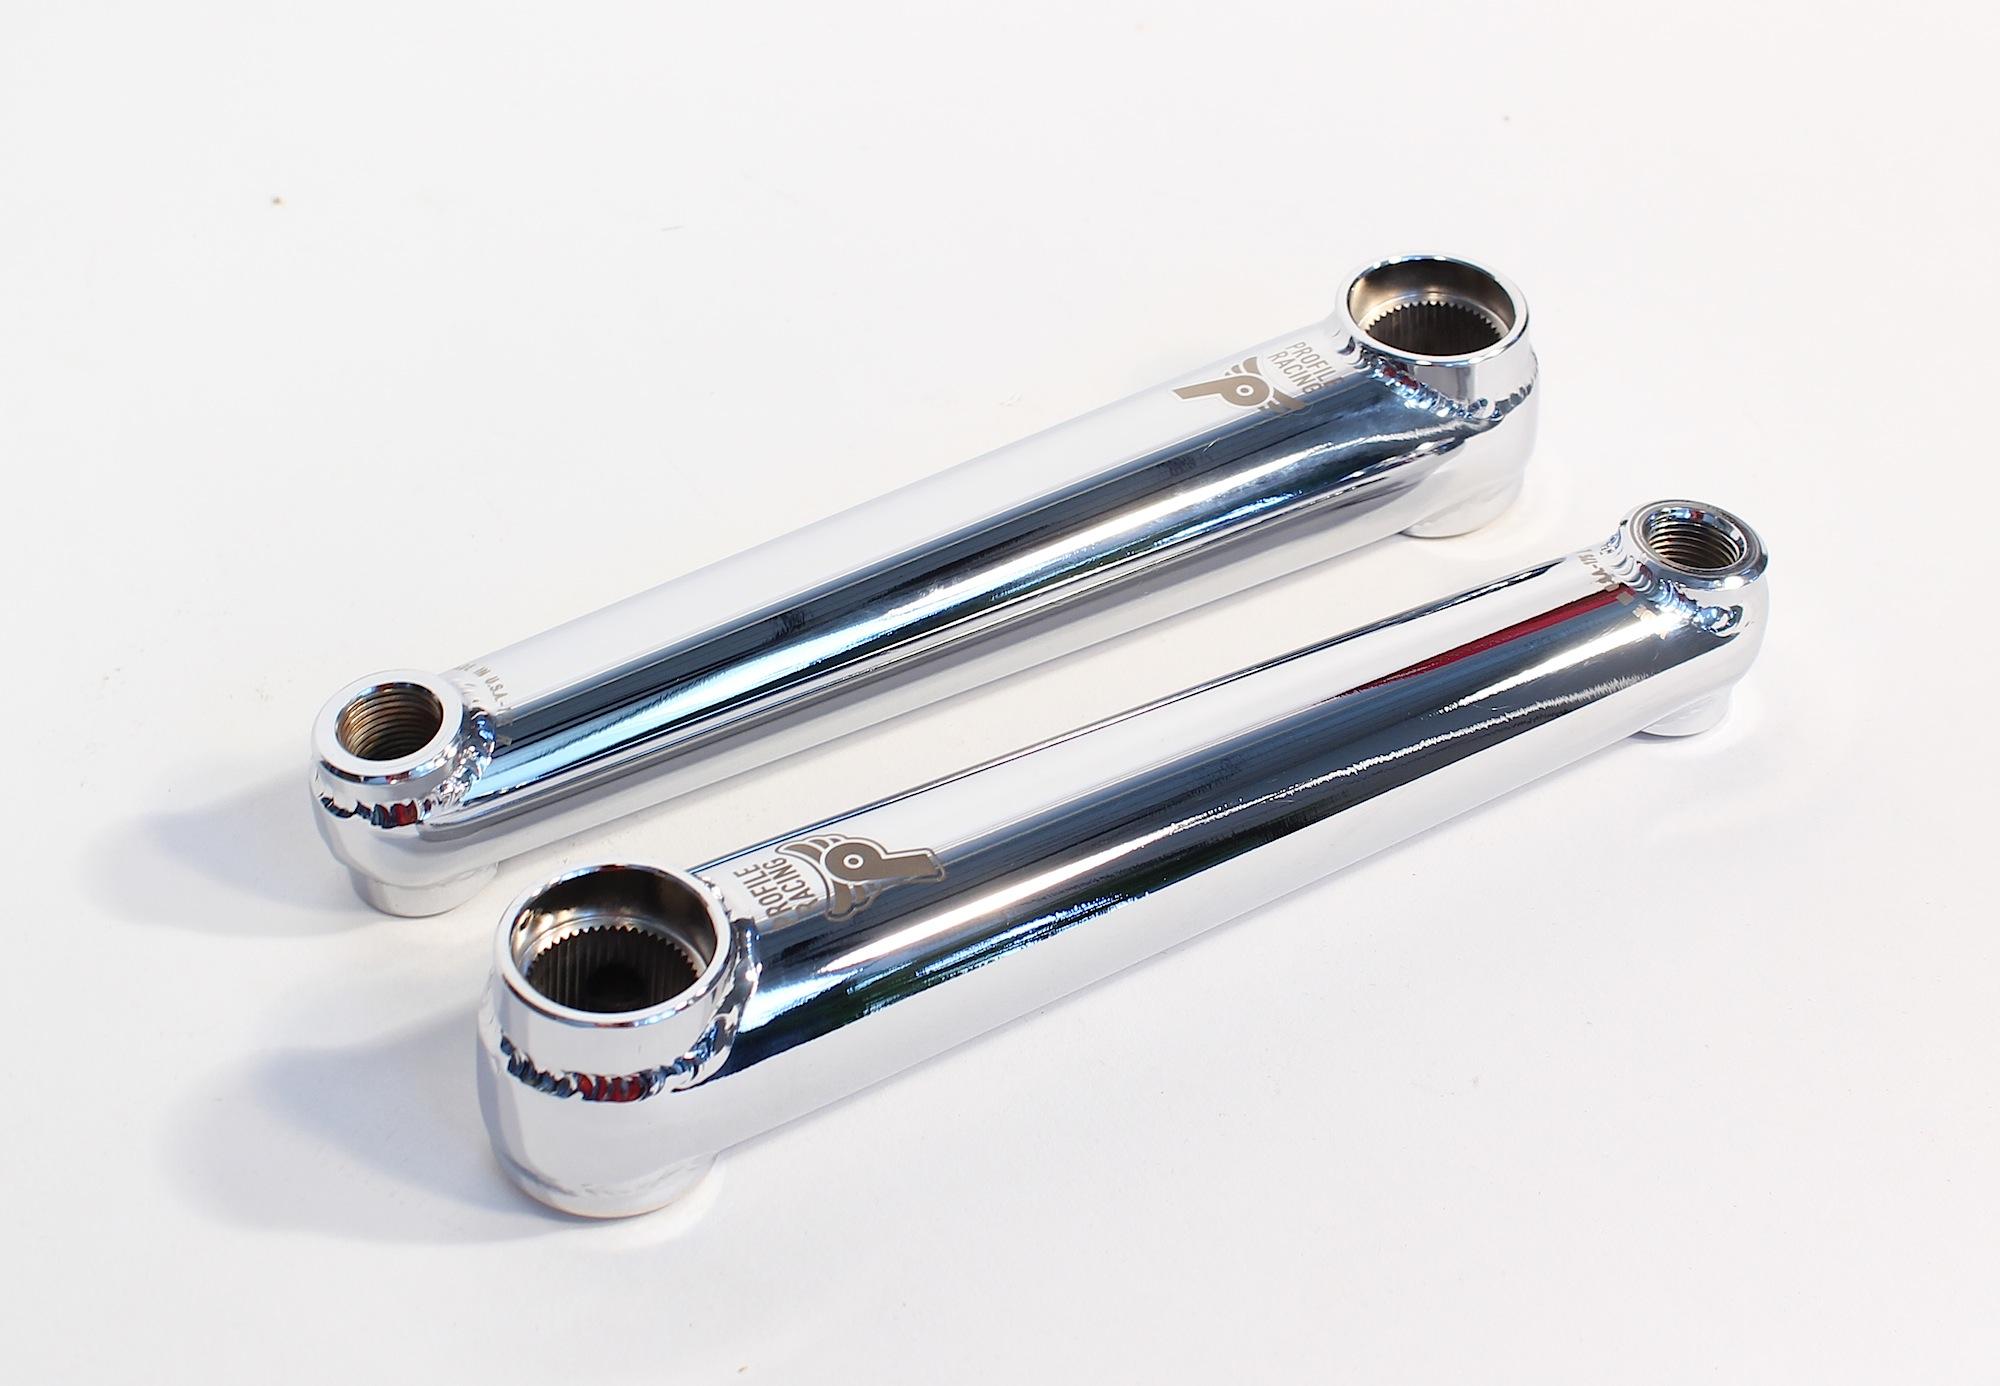 Profile Racing BMX Drive Race Crankset